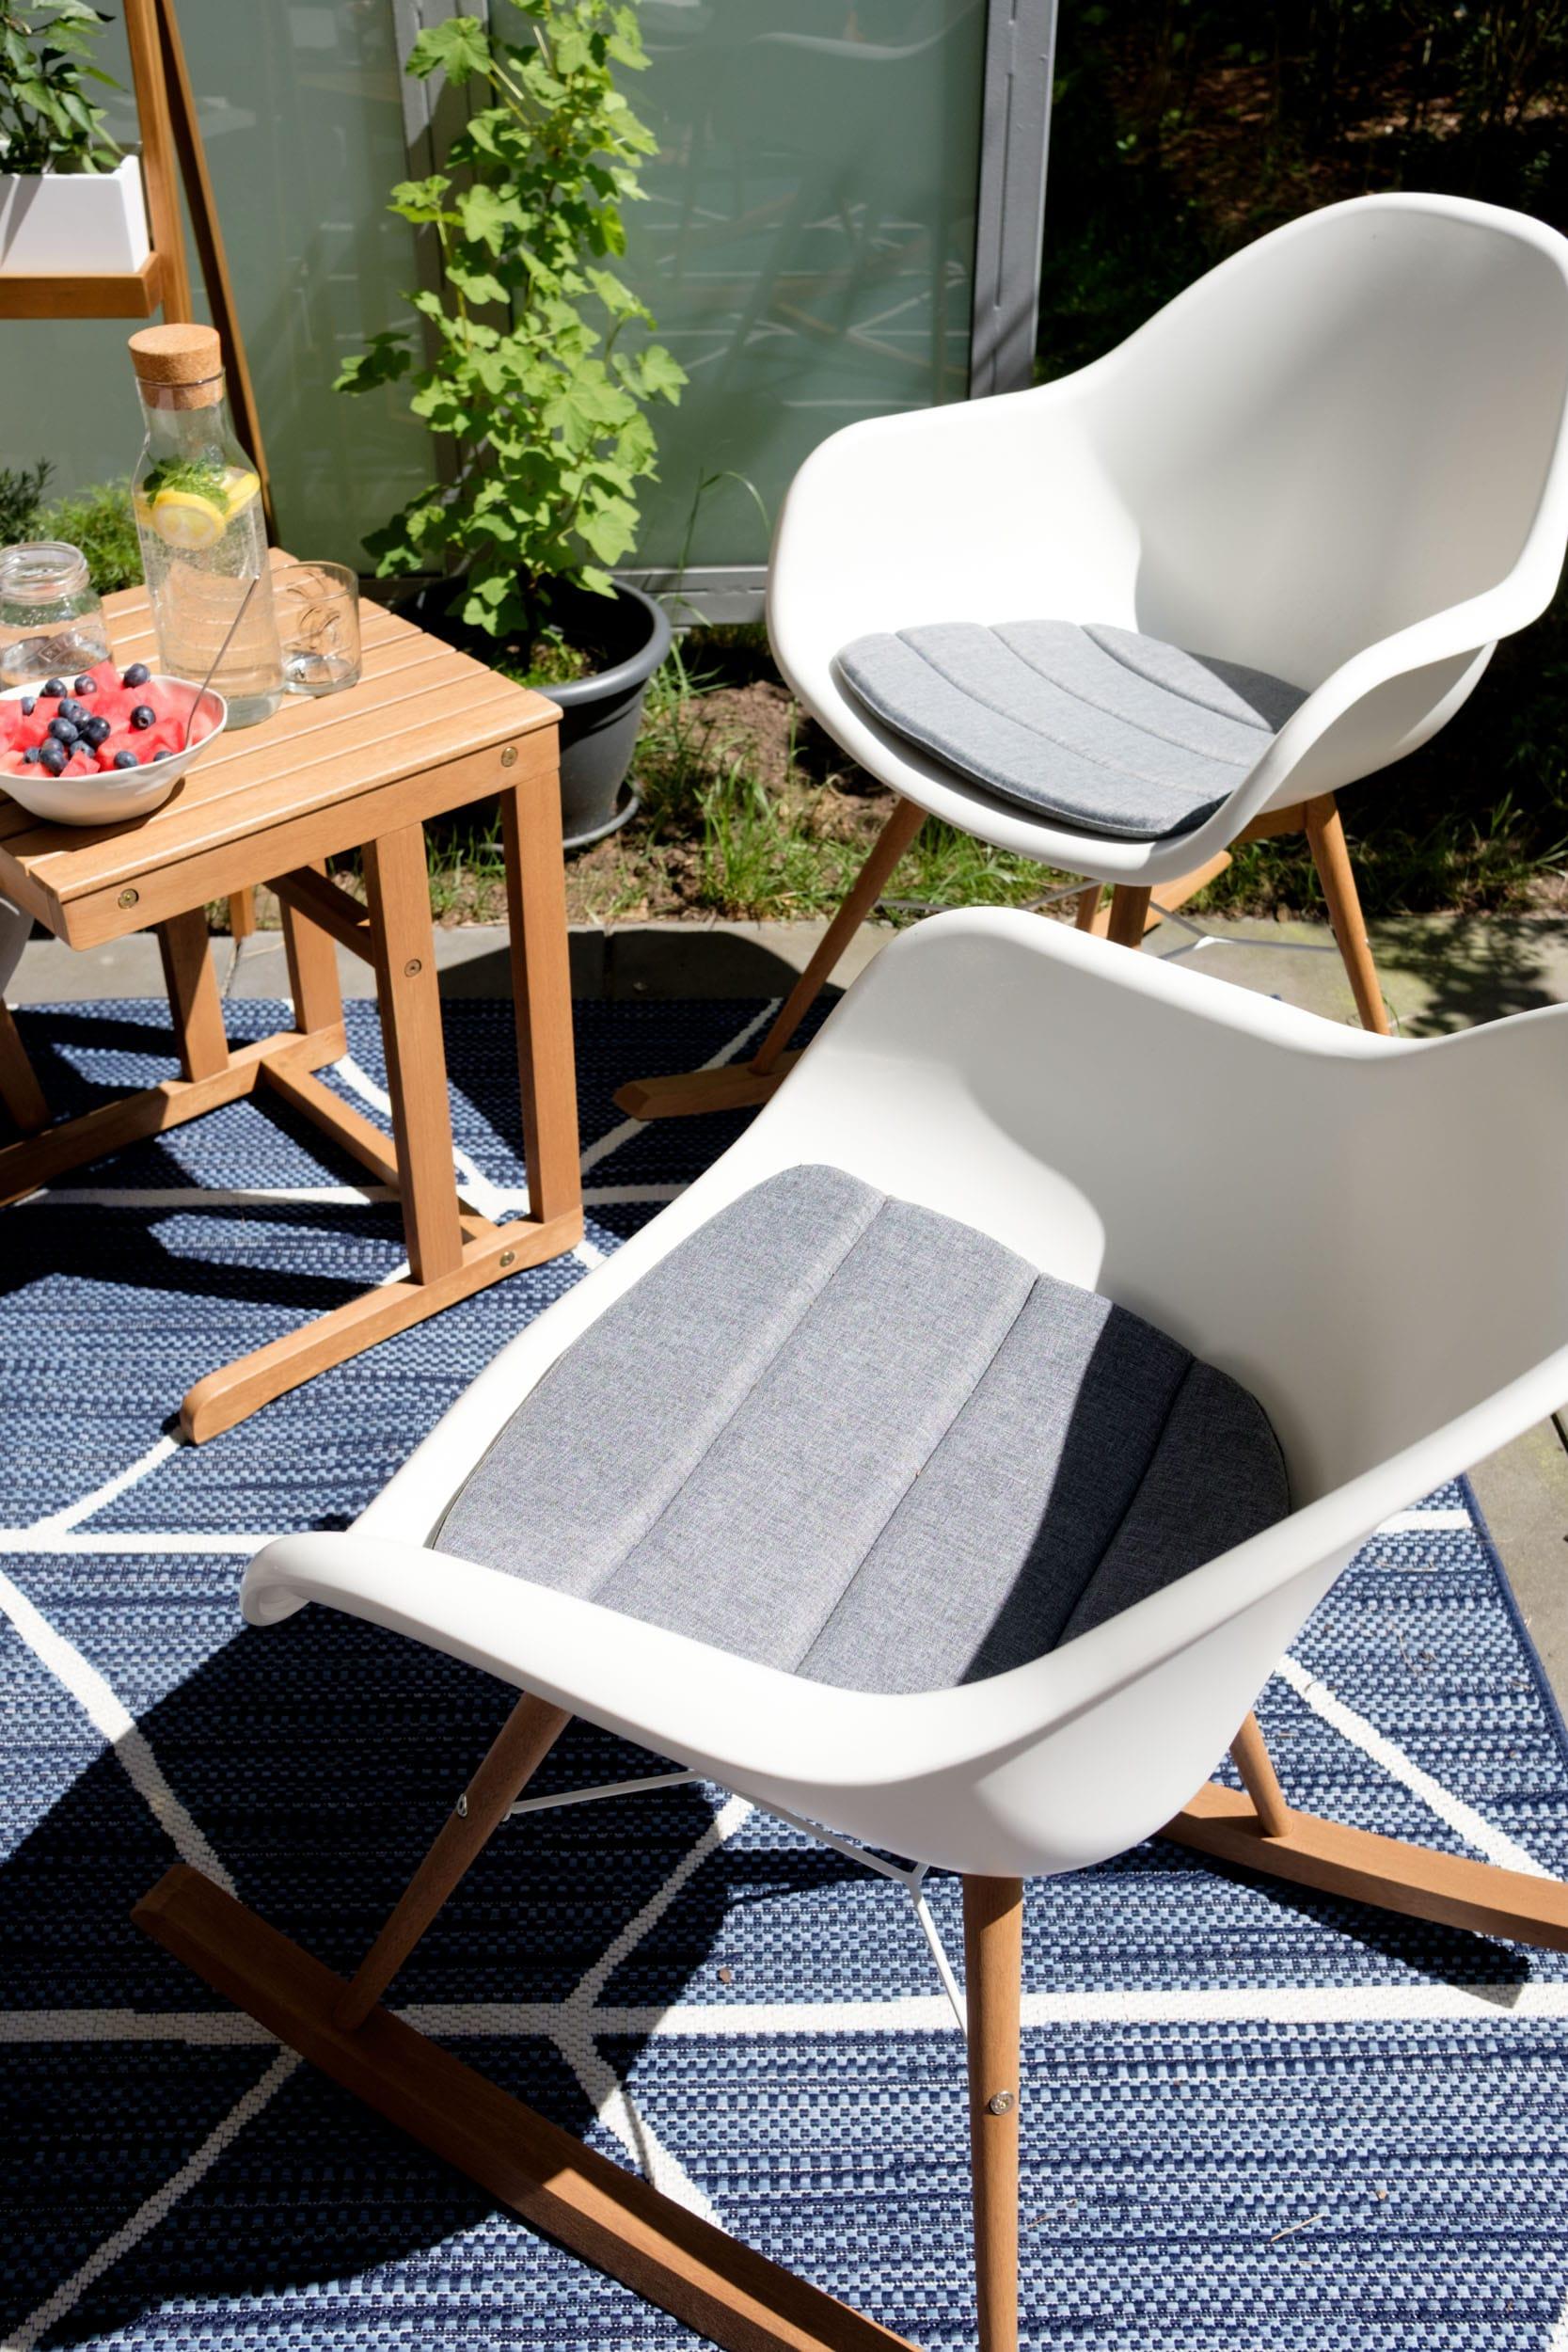 Outdoor-Wohnzimmer | Unser zweites Wohnzimmer im Grünen | Familienleben im Sommer | Terrassenupdate | Happy Terrassenlife mit den neuen Möbeln von Tchibo | #wohnen #interior #terrasse | Gemütlich wohnen auf der Terrasse, dem Balkon und im Garten | Mehr auf https://ivy.li